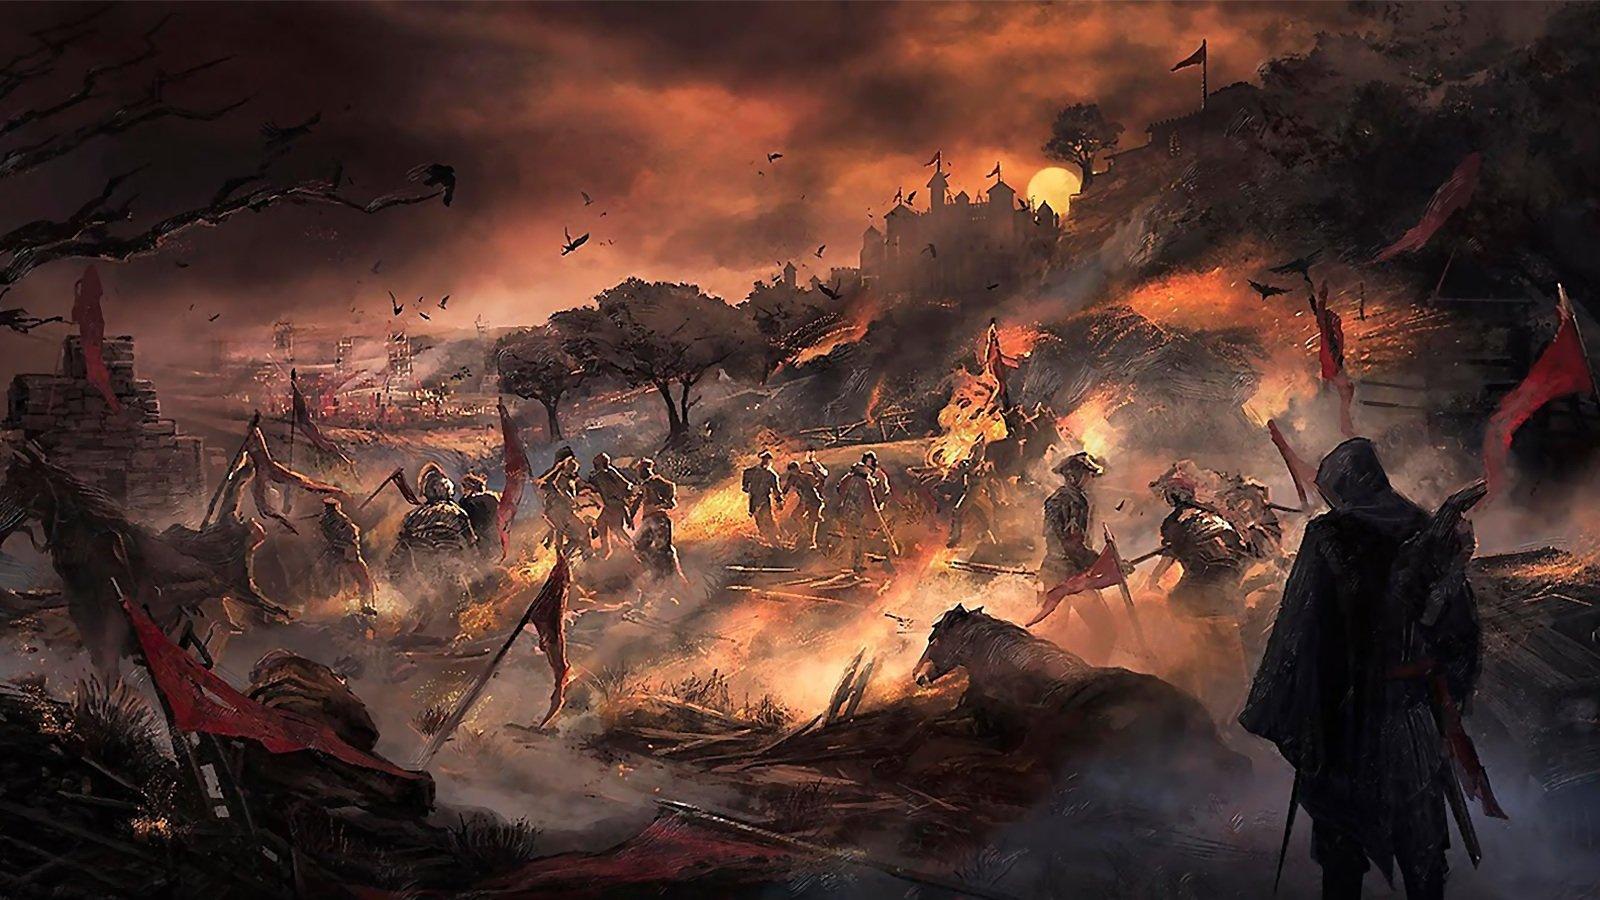 Assassins Creed Brotherhood Wallpapers 1600x900 Desktop